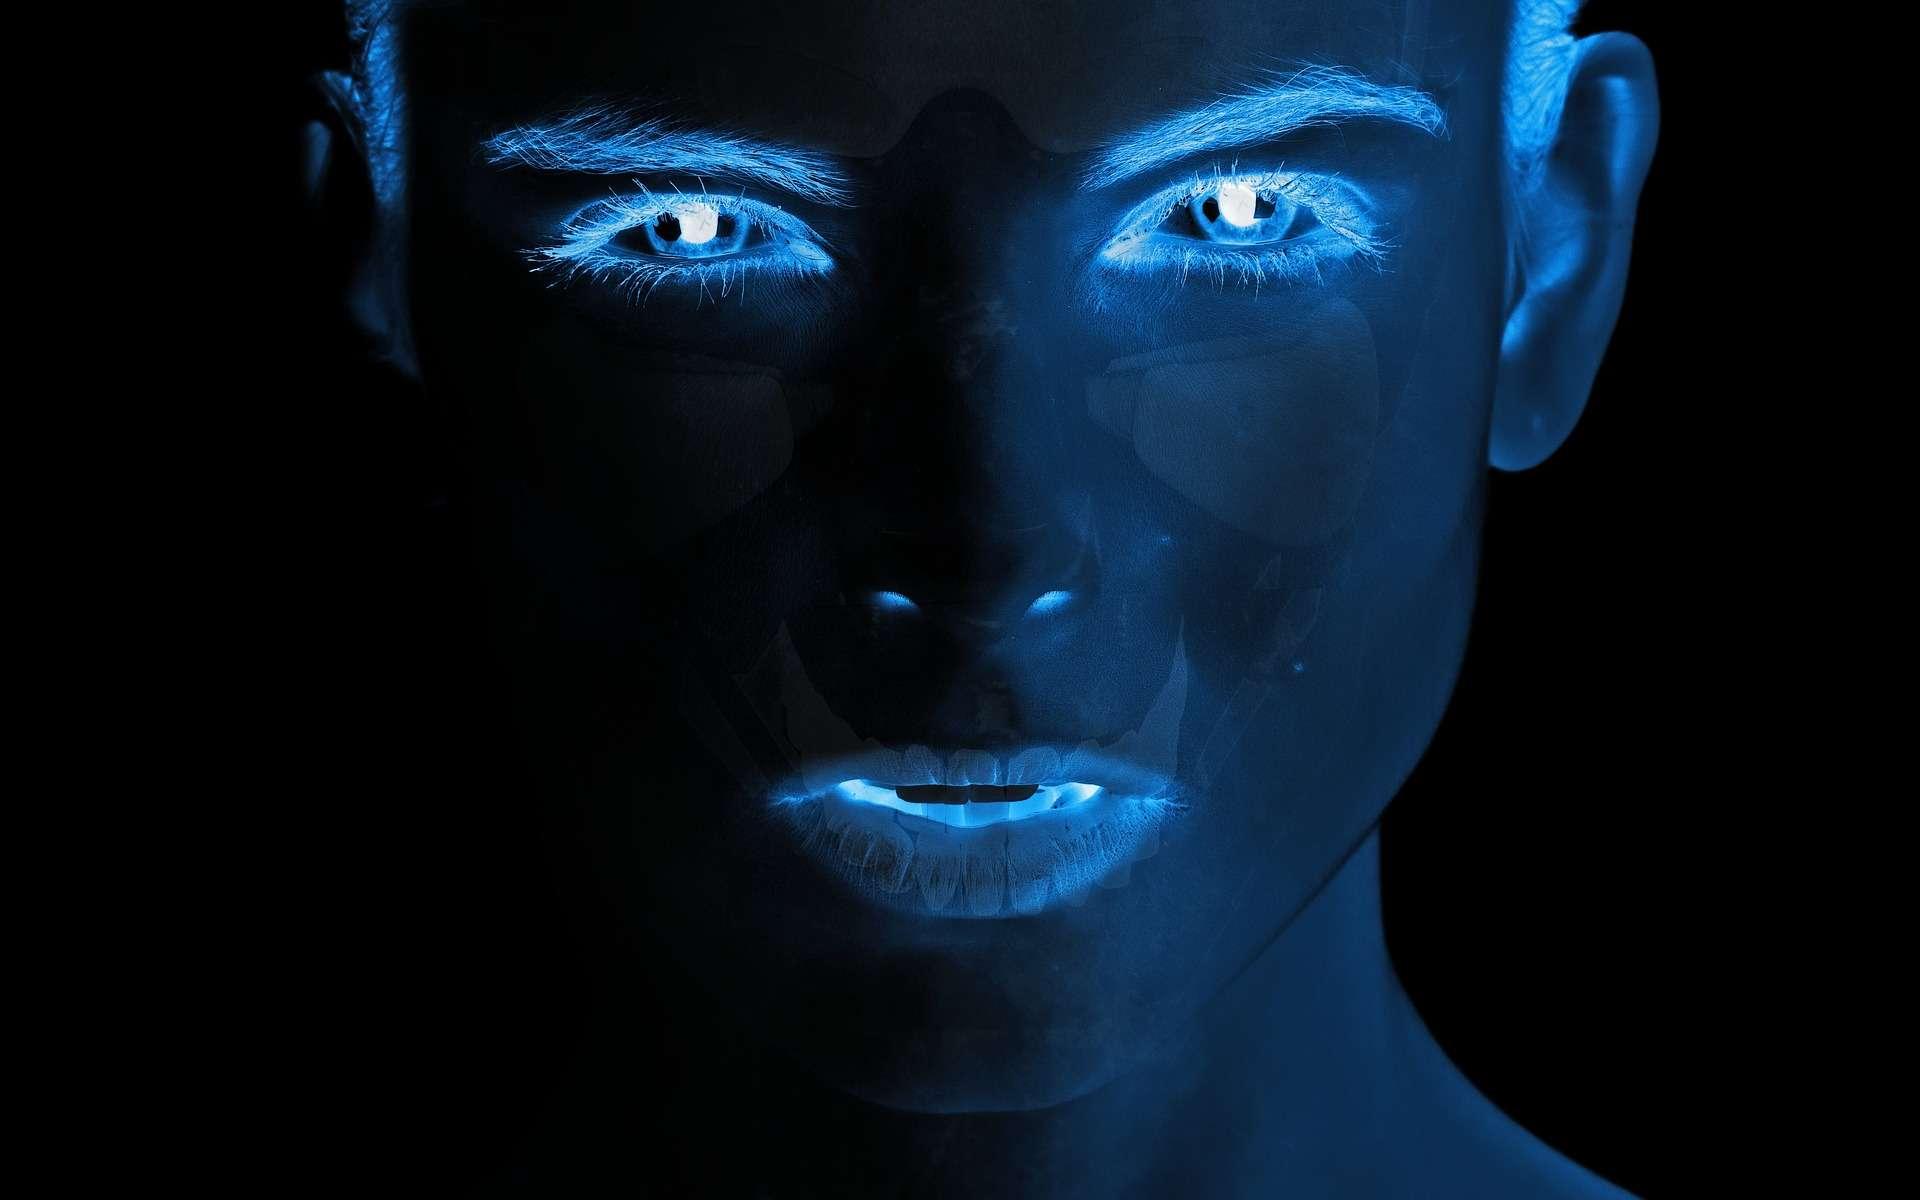 En décomposant un enregistrement audio, des chercheurs sont parvenus à animer un visage mais aussi et surtout à appliquer les émotions transcrites depuis l'enregistrement audio. Une trouvaille qui...